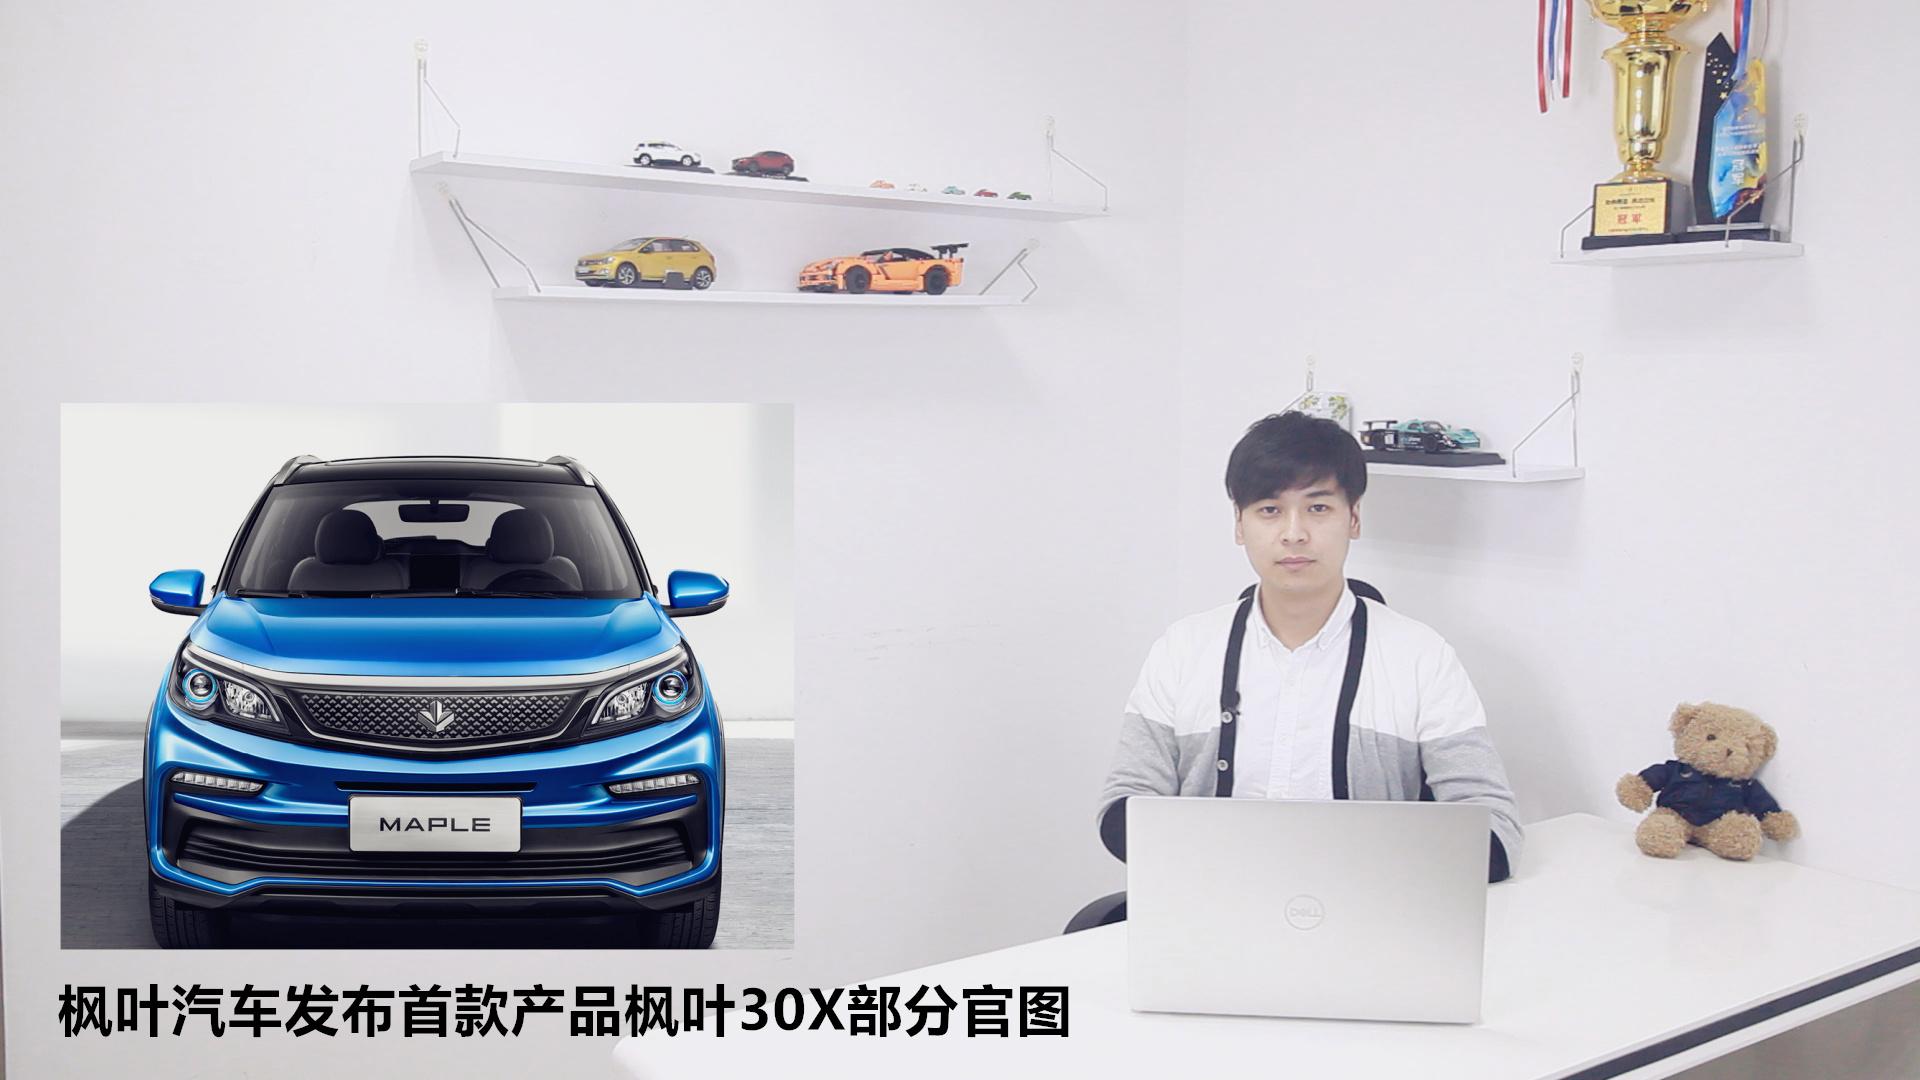 枫叶汽车发布首款产品枫叶30X部分官图